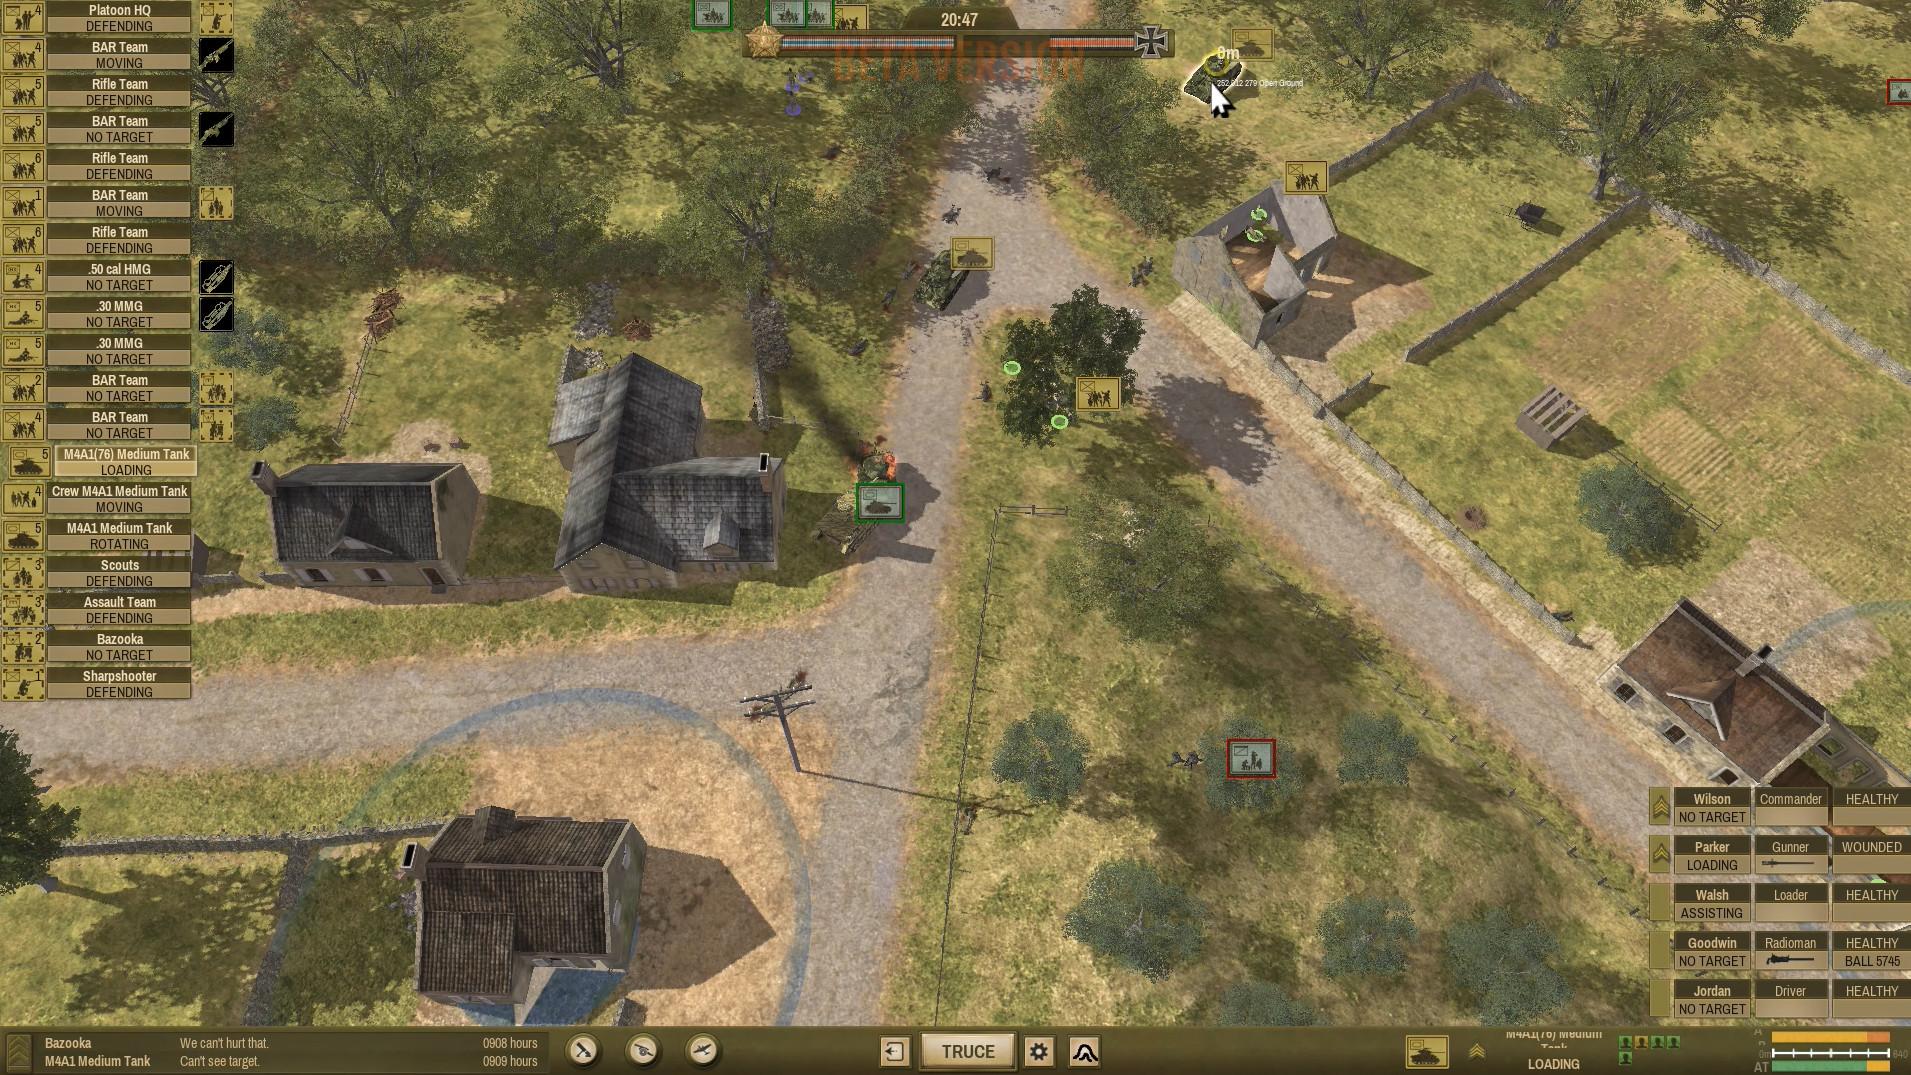 wereld van tanks forum matchmaking